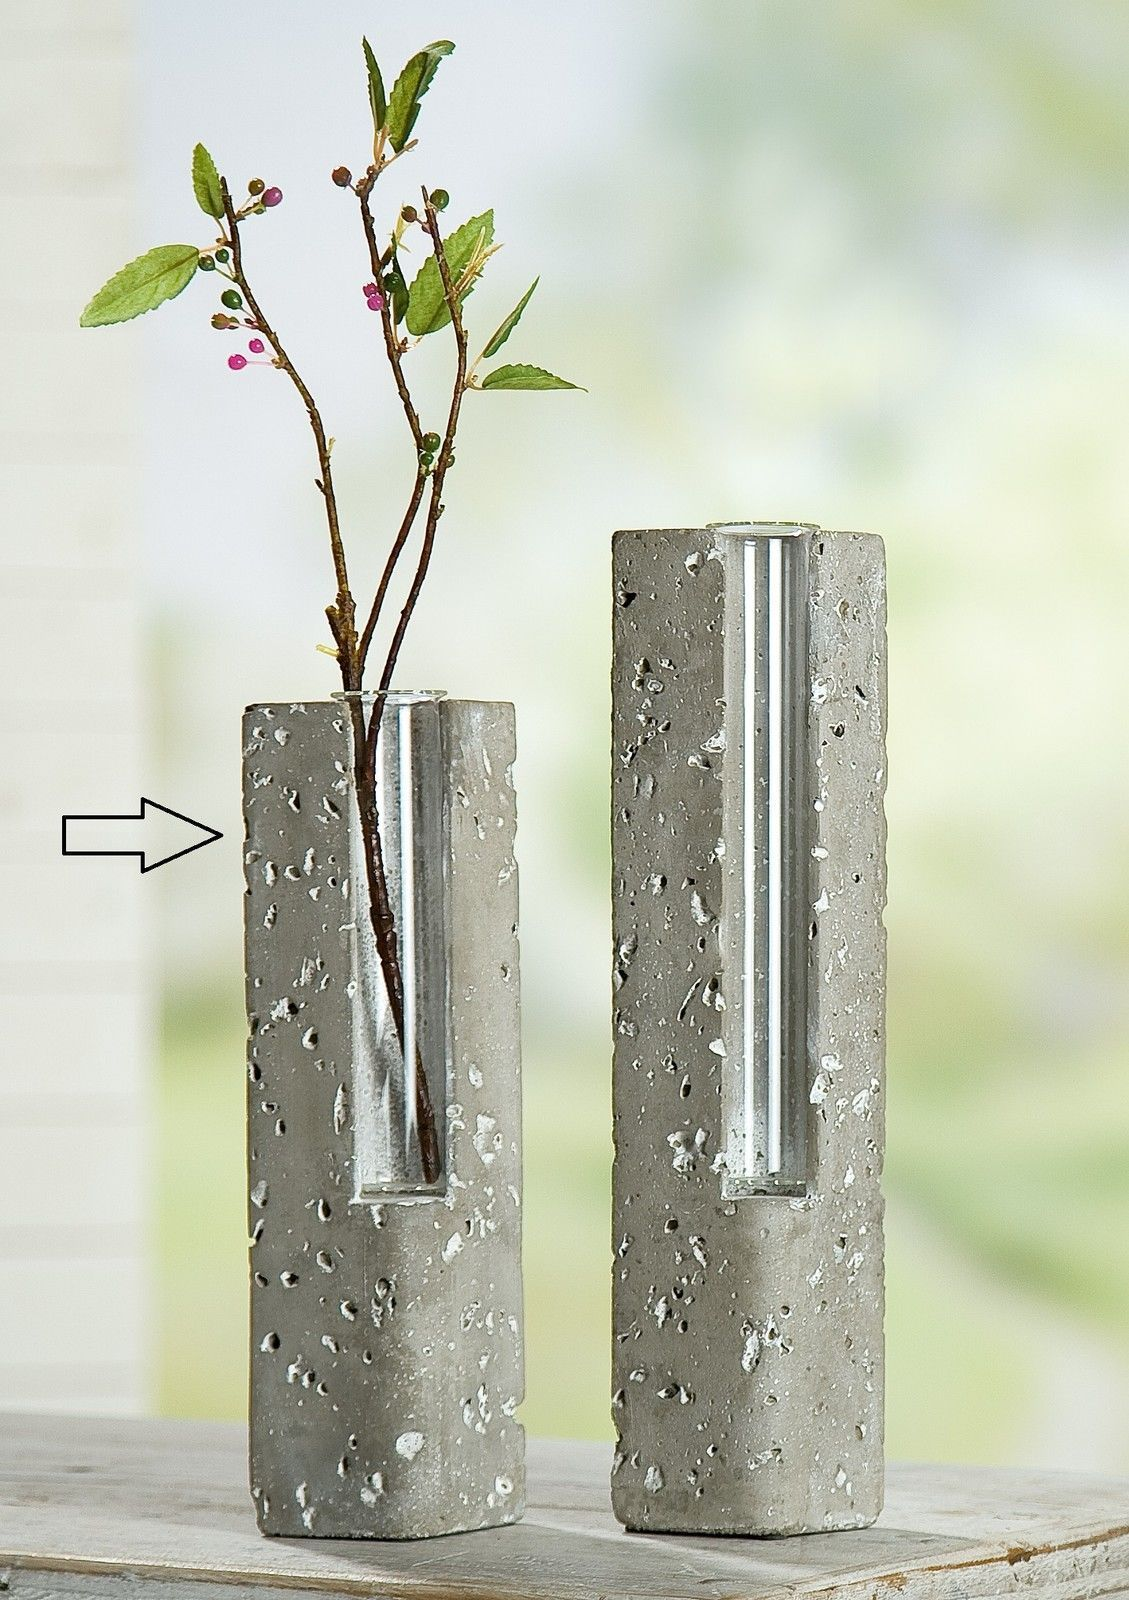 ordinary einfache dekoration und mobel design aus beton 2 #1: glasvase i beton